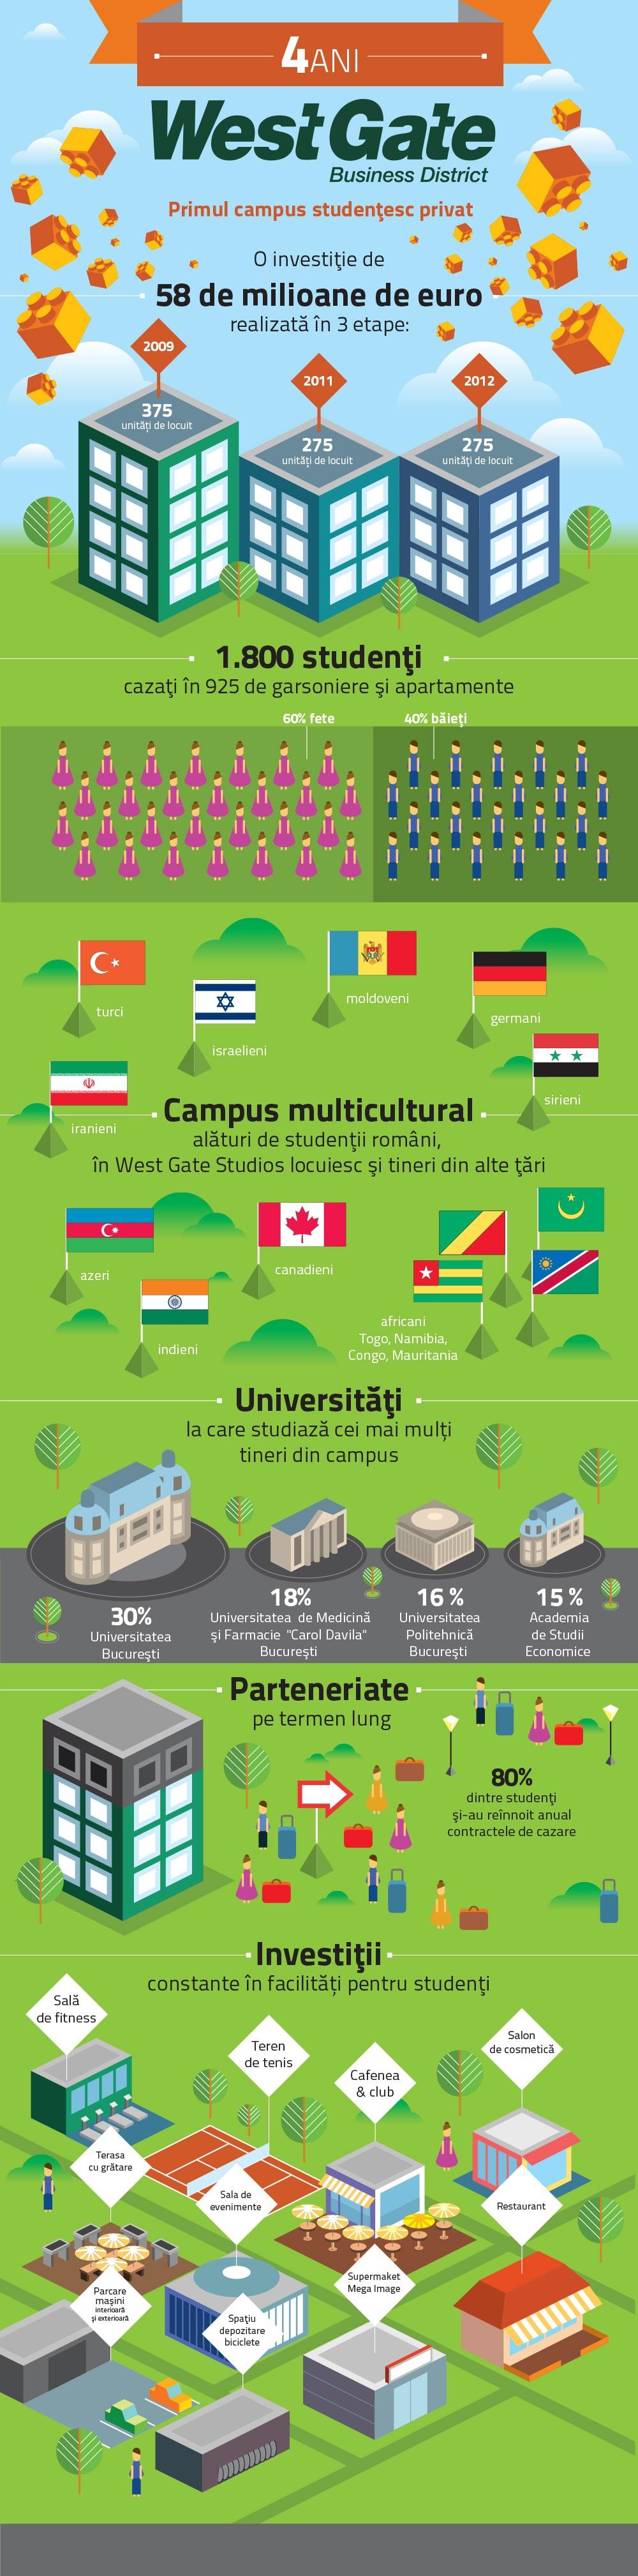 Primul campus privat, după 4 ani: 80% dintre studenți își prelungesc șederea în fiecare an